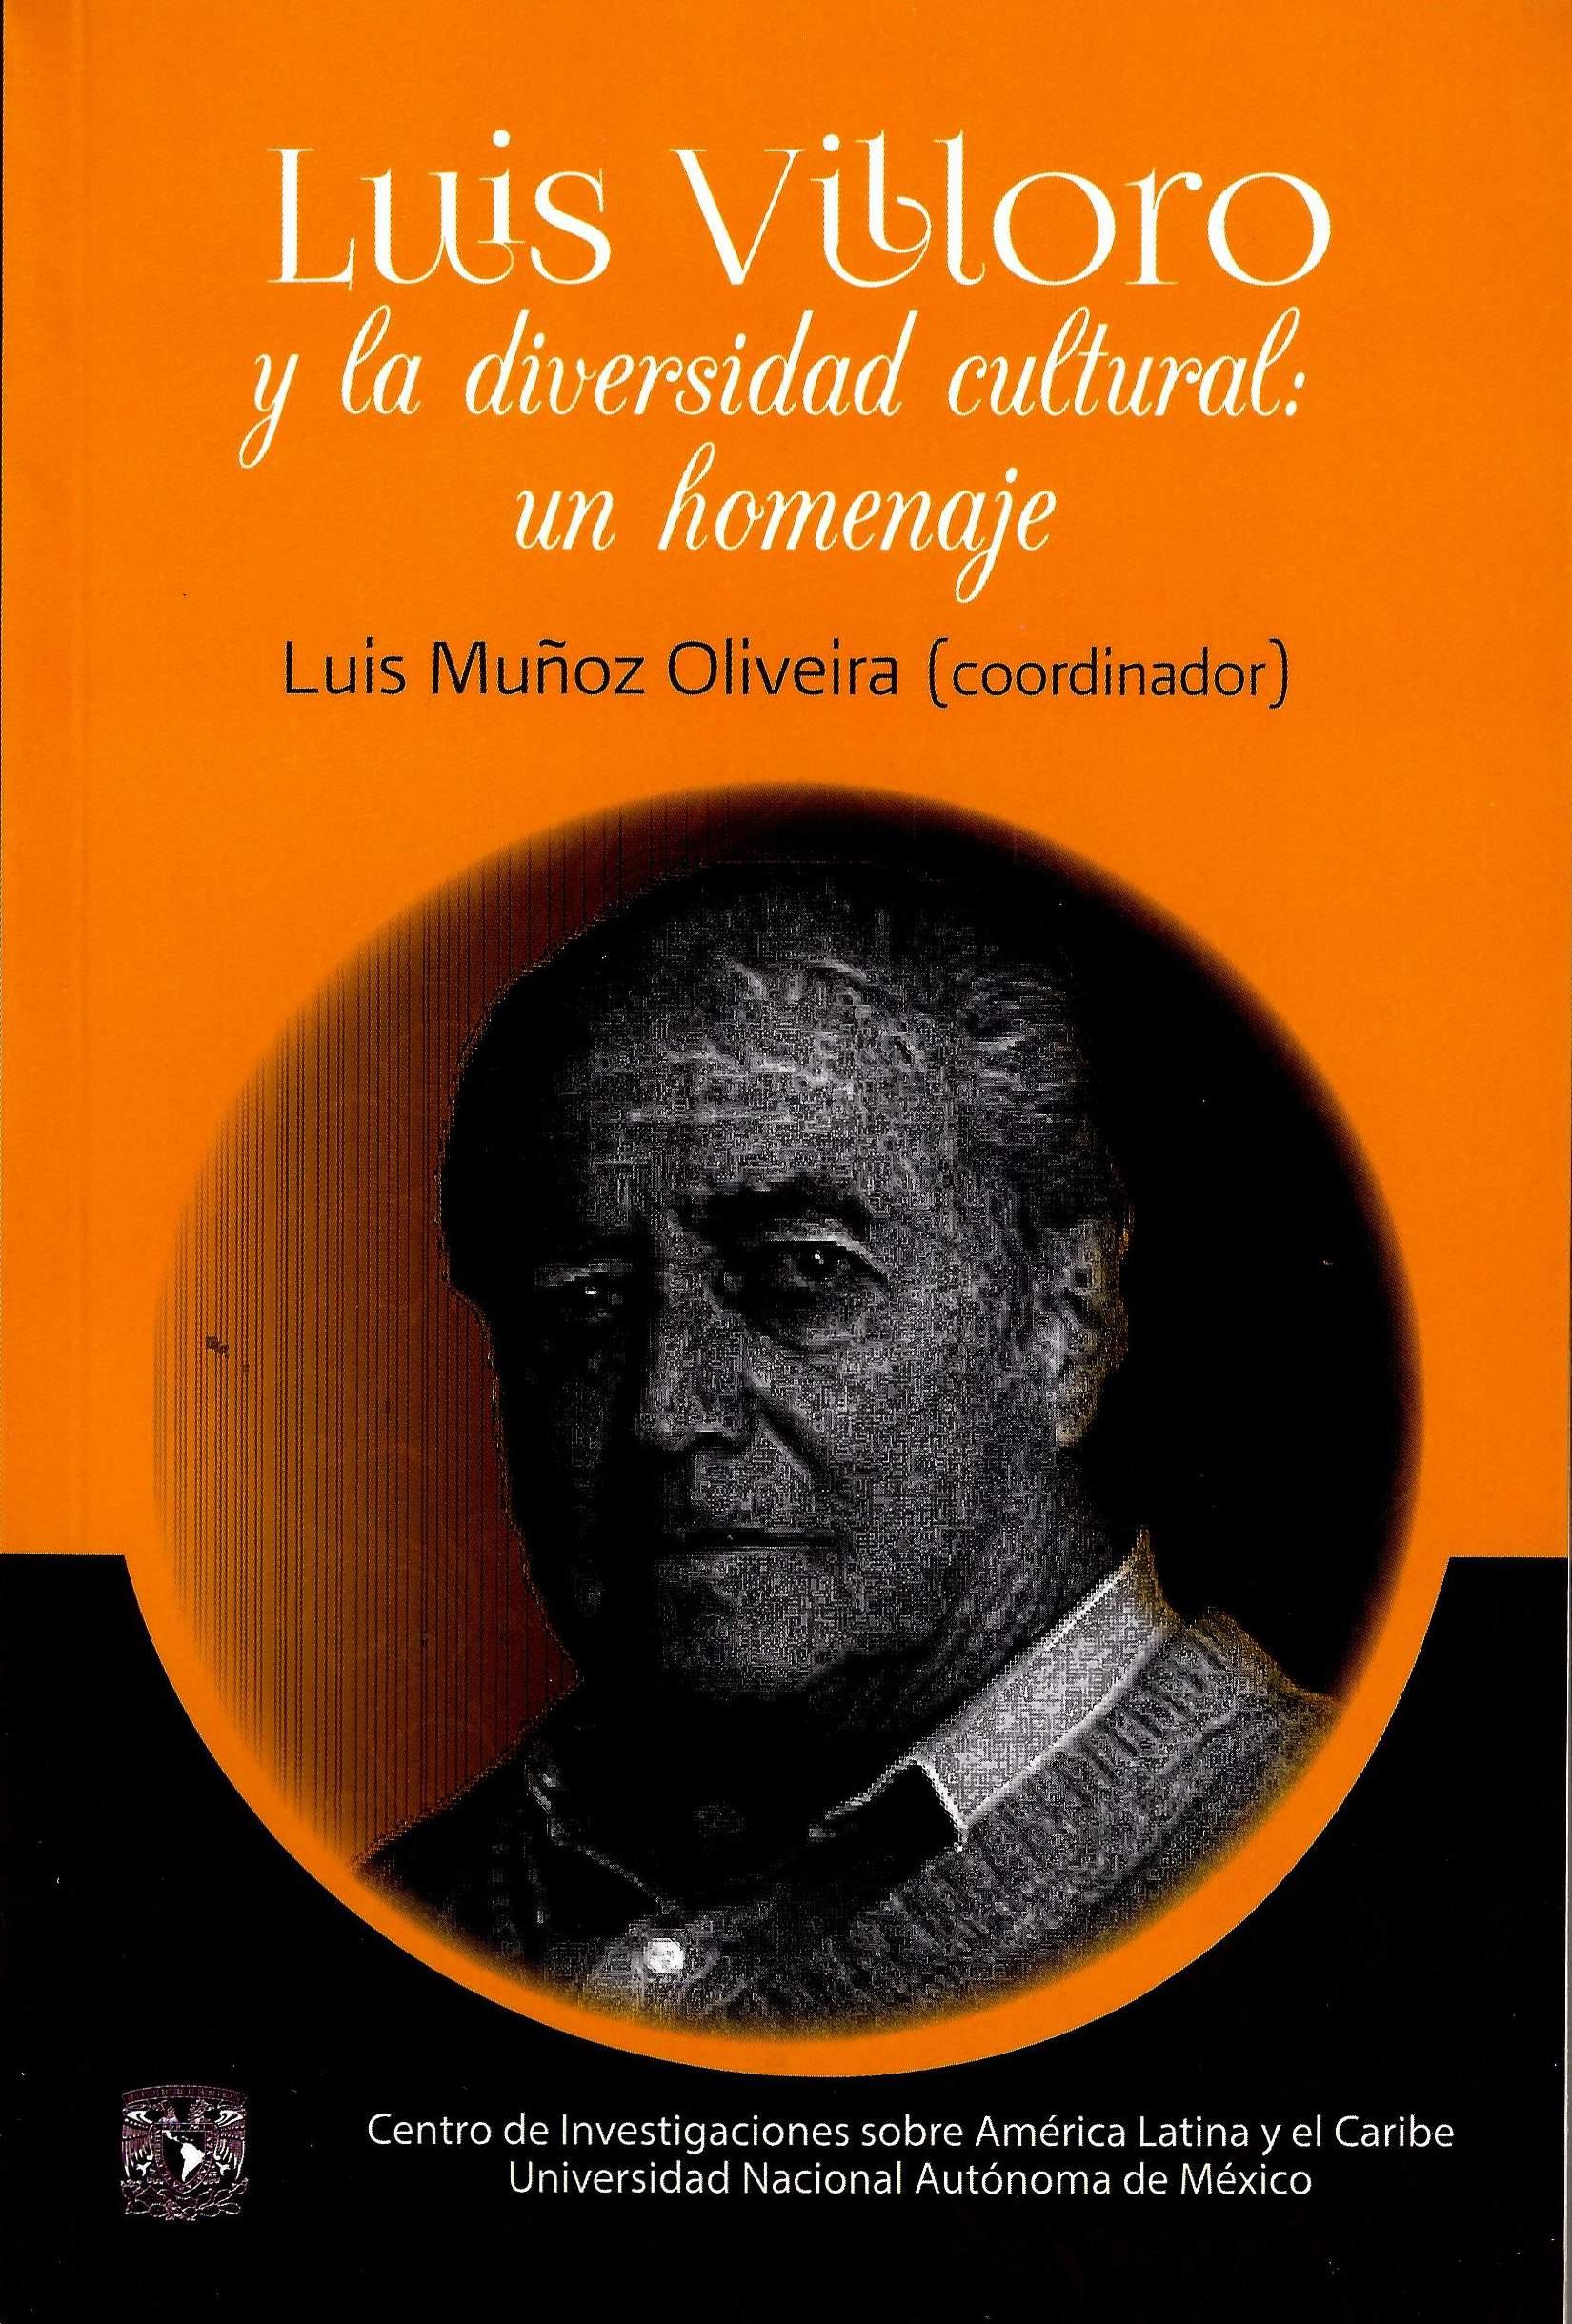 Luis Villoro y la diversidad cultural: un homenaje